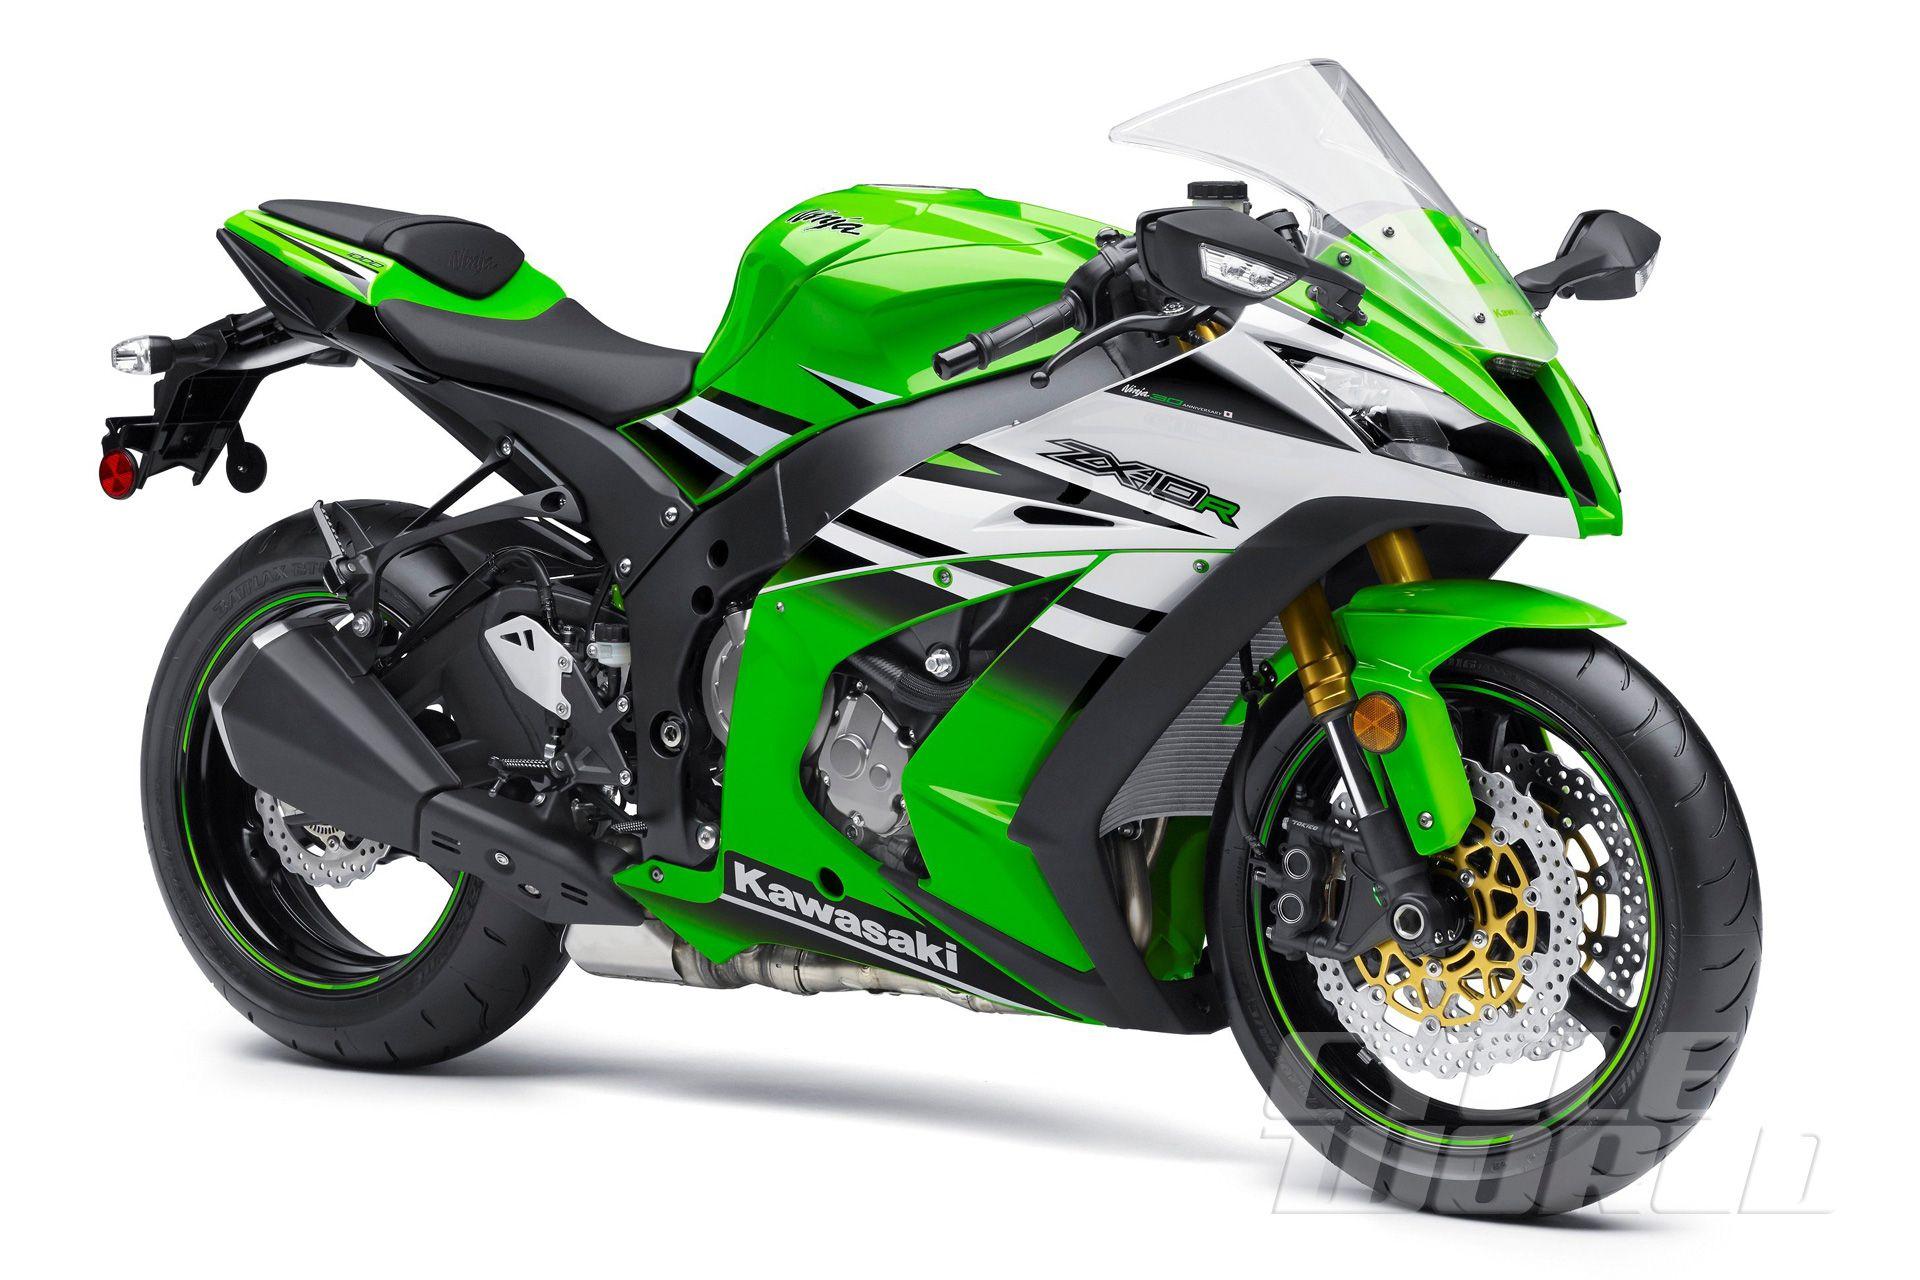 2015 30th Anniversary Kawasaki Ninja Zx 10r Zx 10r Abs First